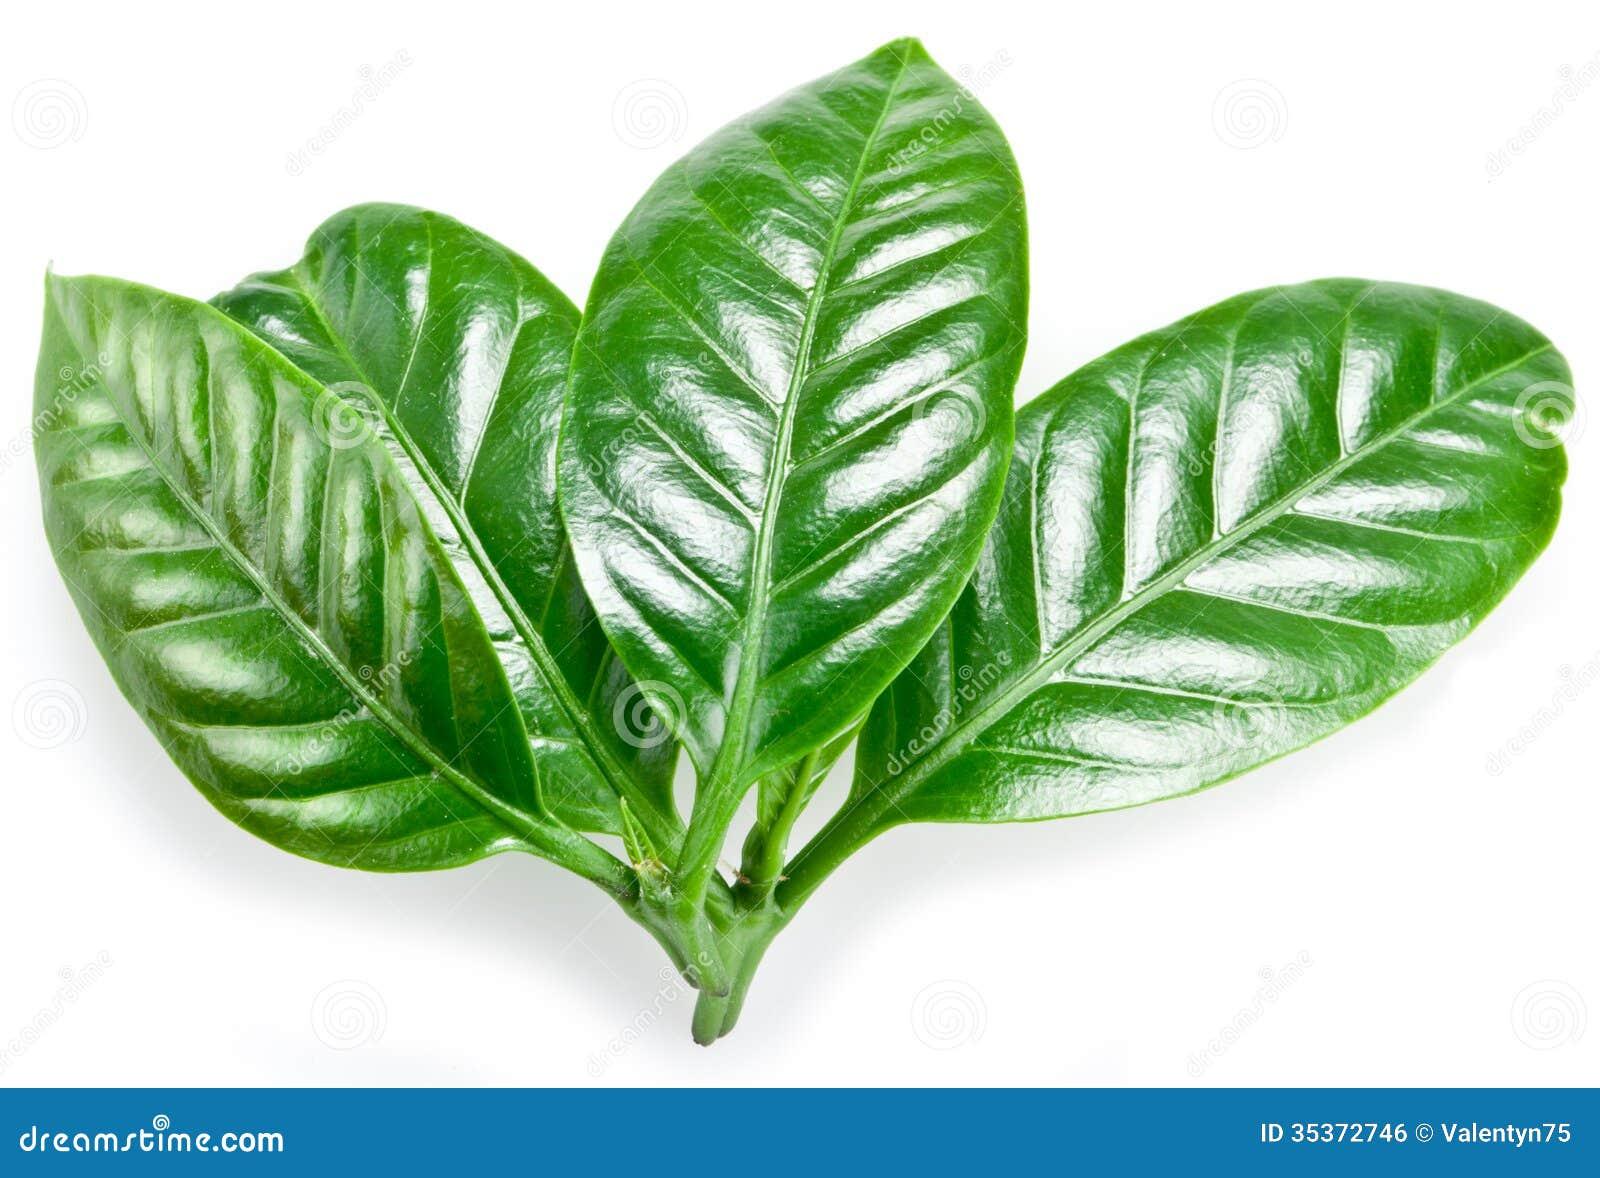 how to make a coffee leaf